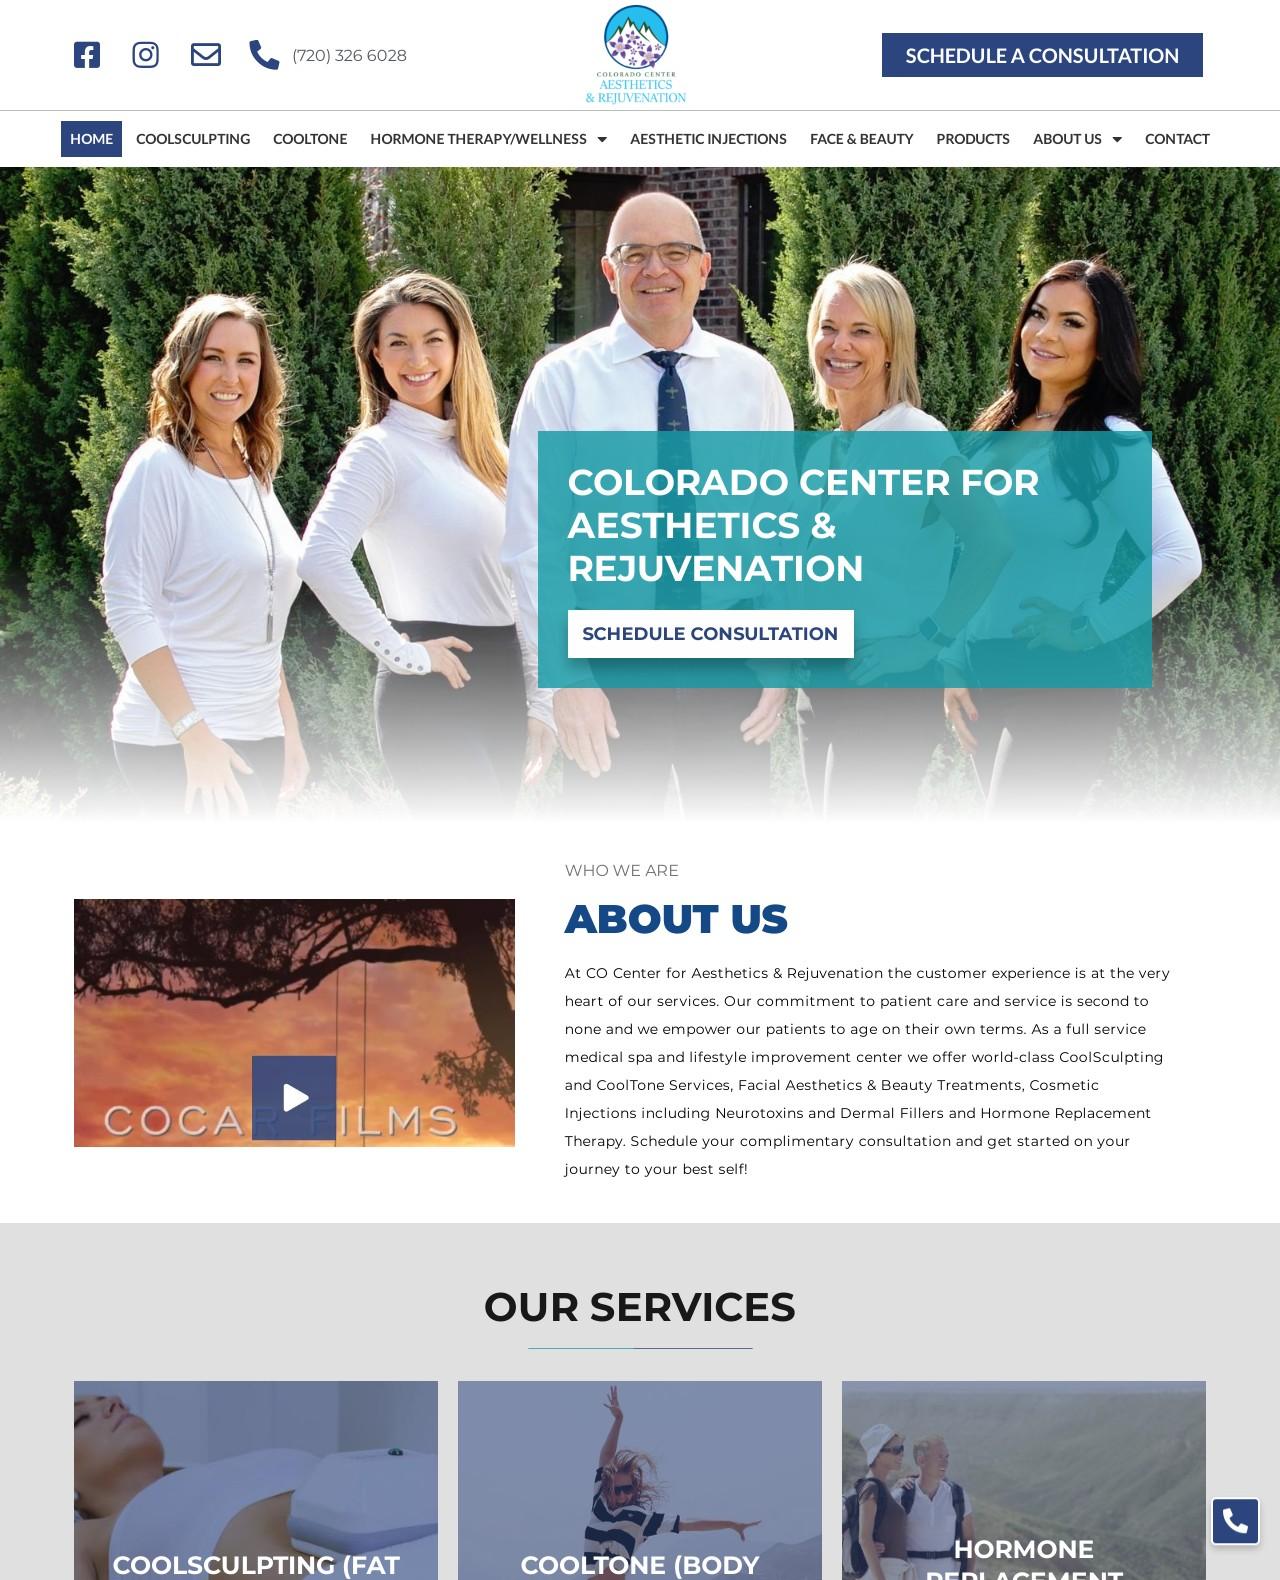 Colorado Center for Aesthetics & Rejuvenation